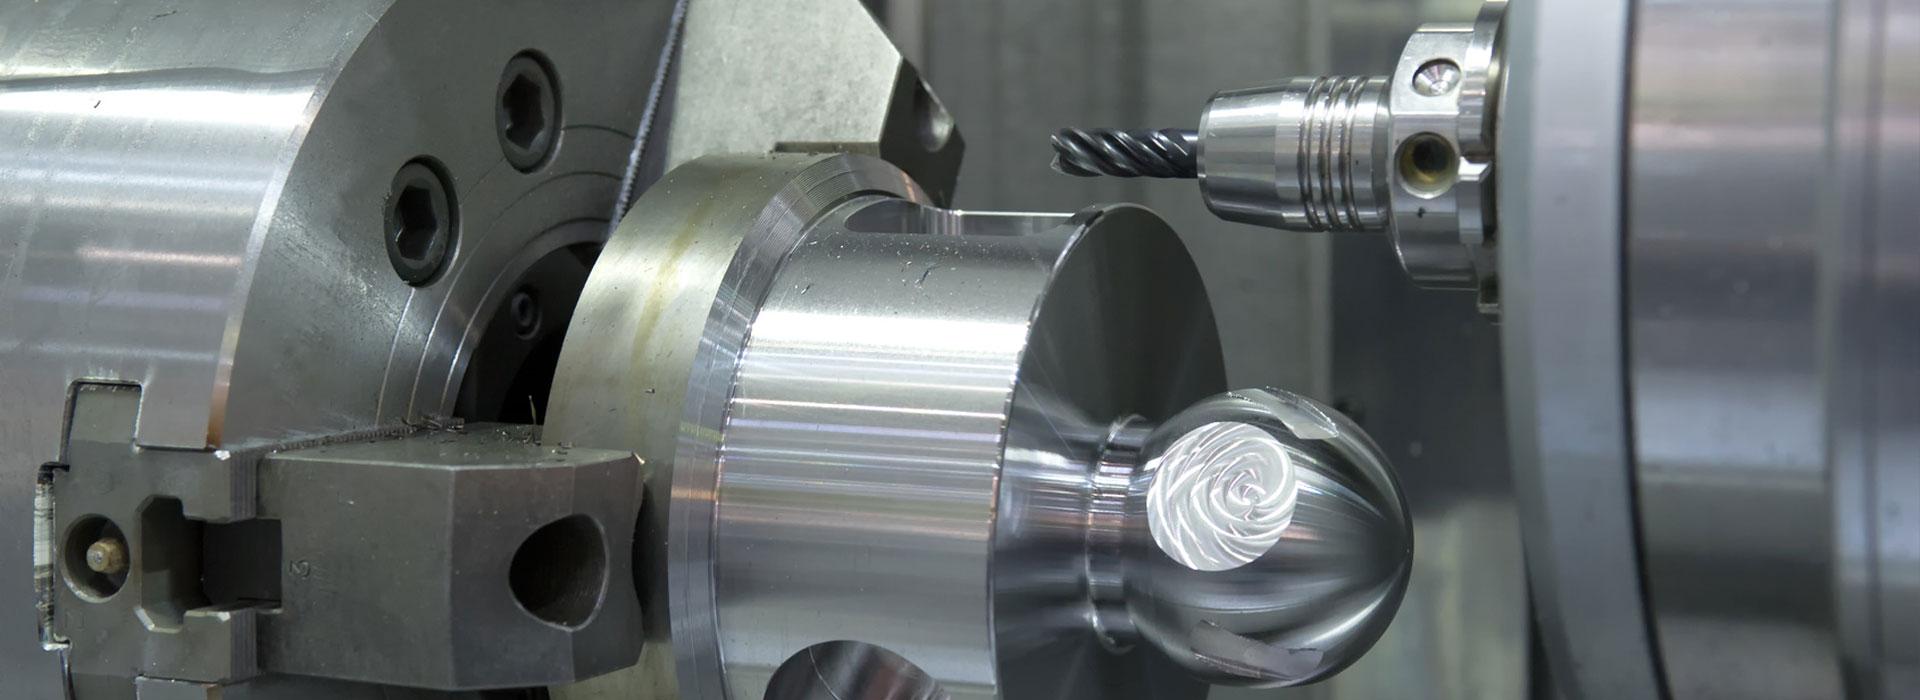 lavorazione acciaio e alluminio